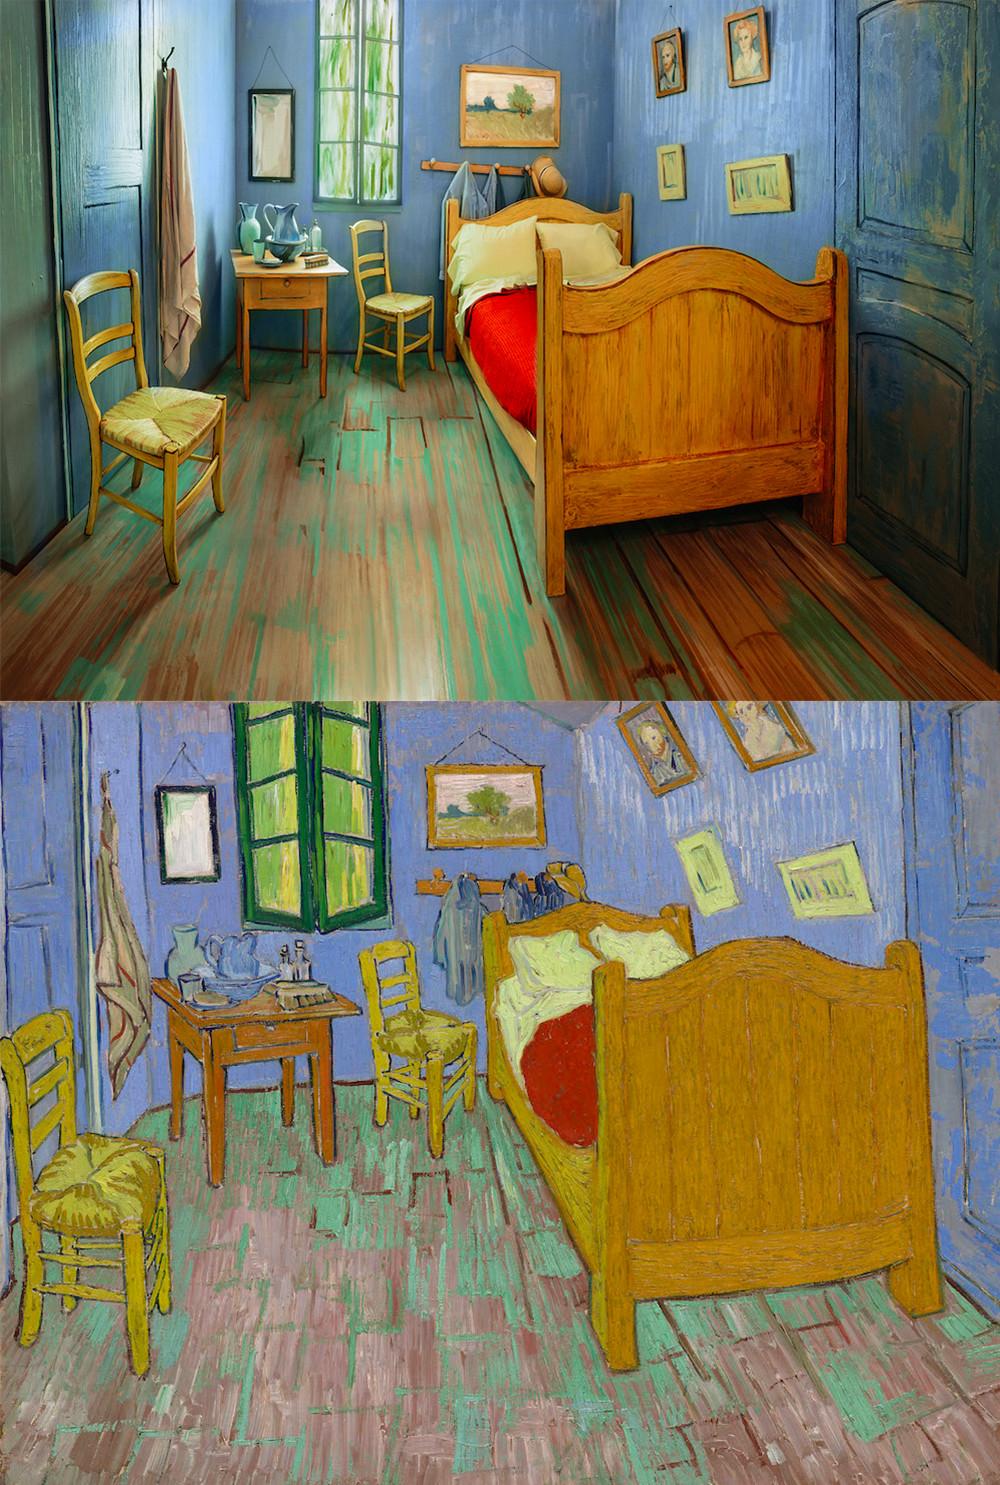 Rentan replica de cuarto de Van Gogh - Echandola